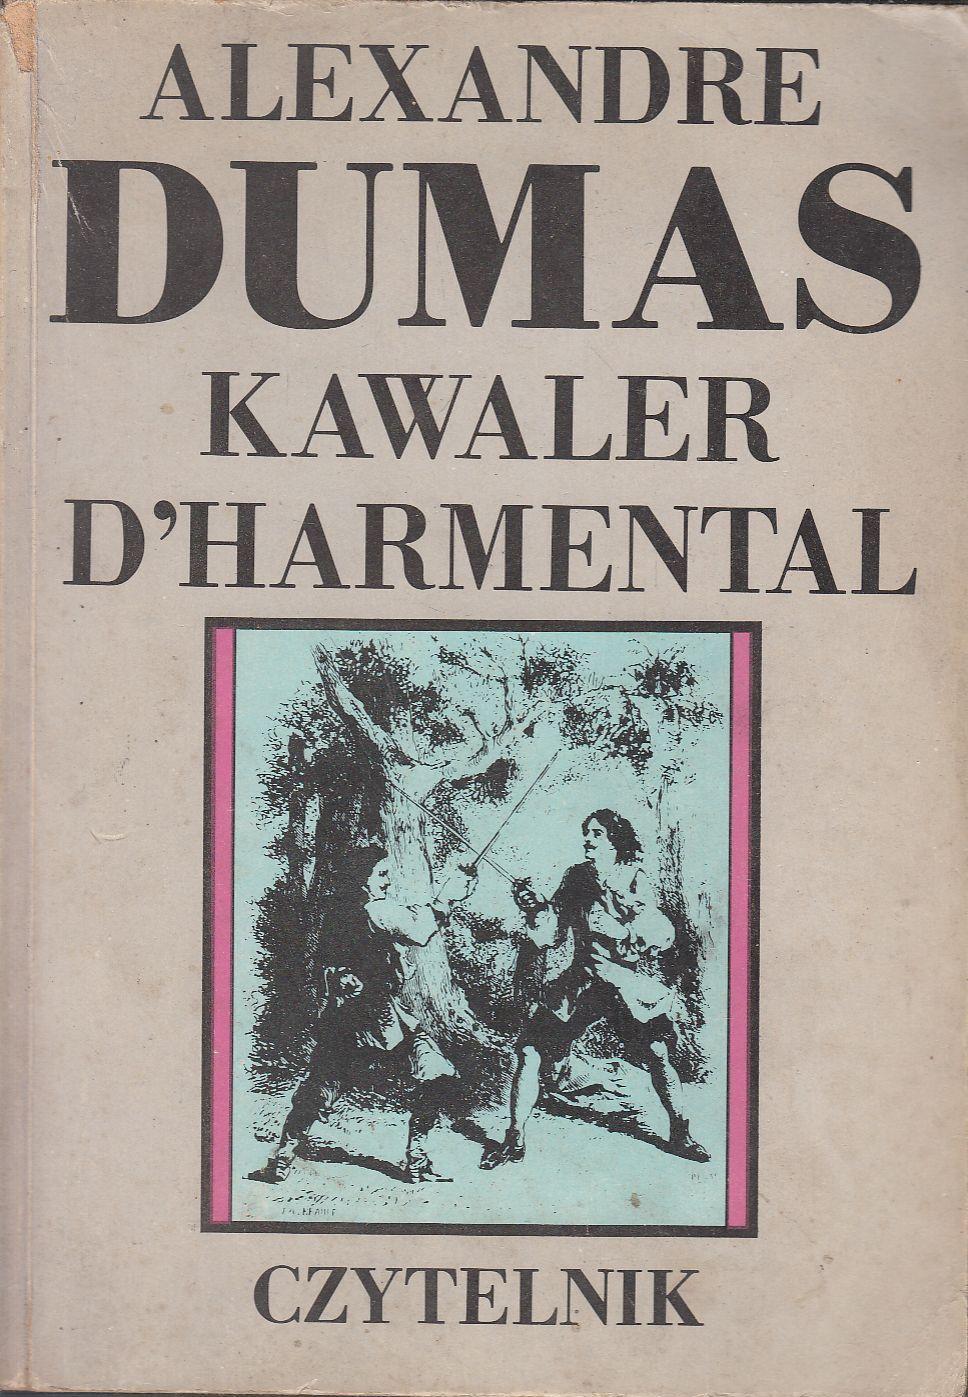 Znalezione obrazy dla zapytania Aleksander Dumas : Kawaler d'Harmental 1989